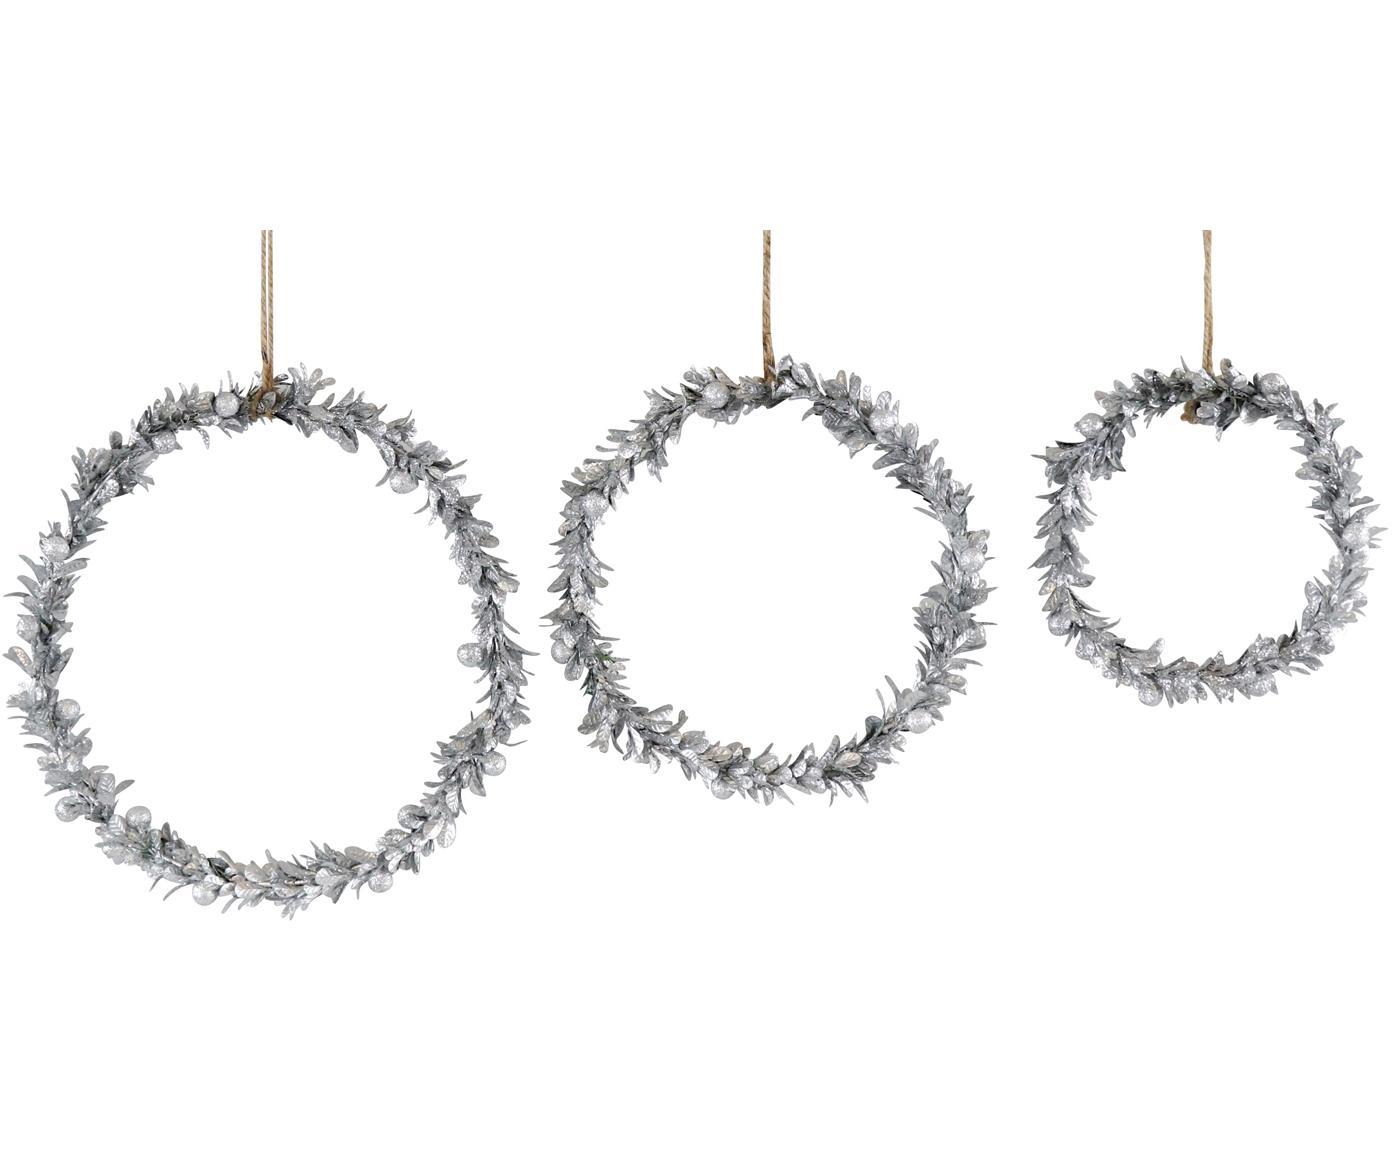 Decoratieve hangersset Laurel, 3-delig, Polystyreen, kunststof, metaal, hout, Zilverkleurig, Verschillende formaten